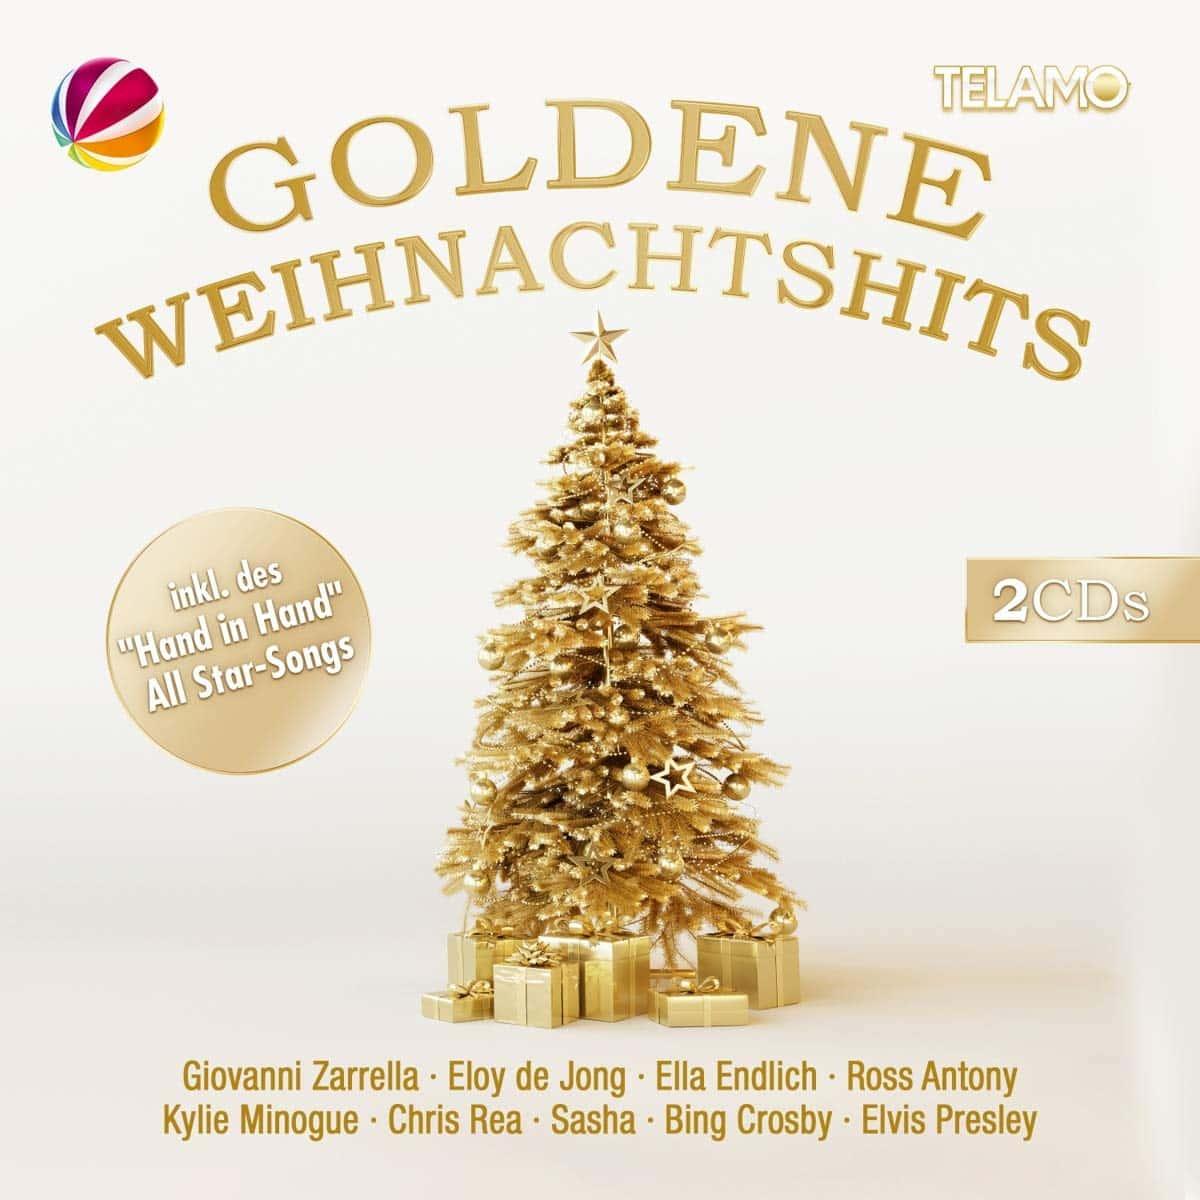 Goldene Weihnachtshits - Eine bunte Weihnachts-CD